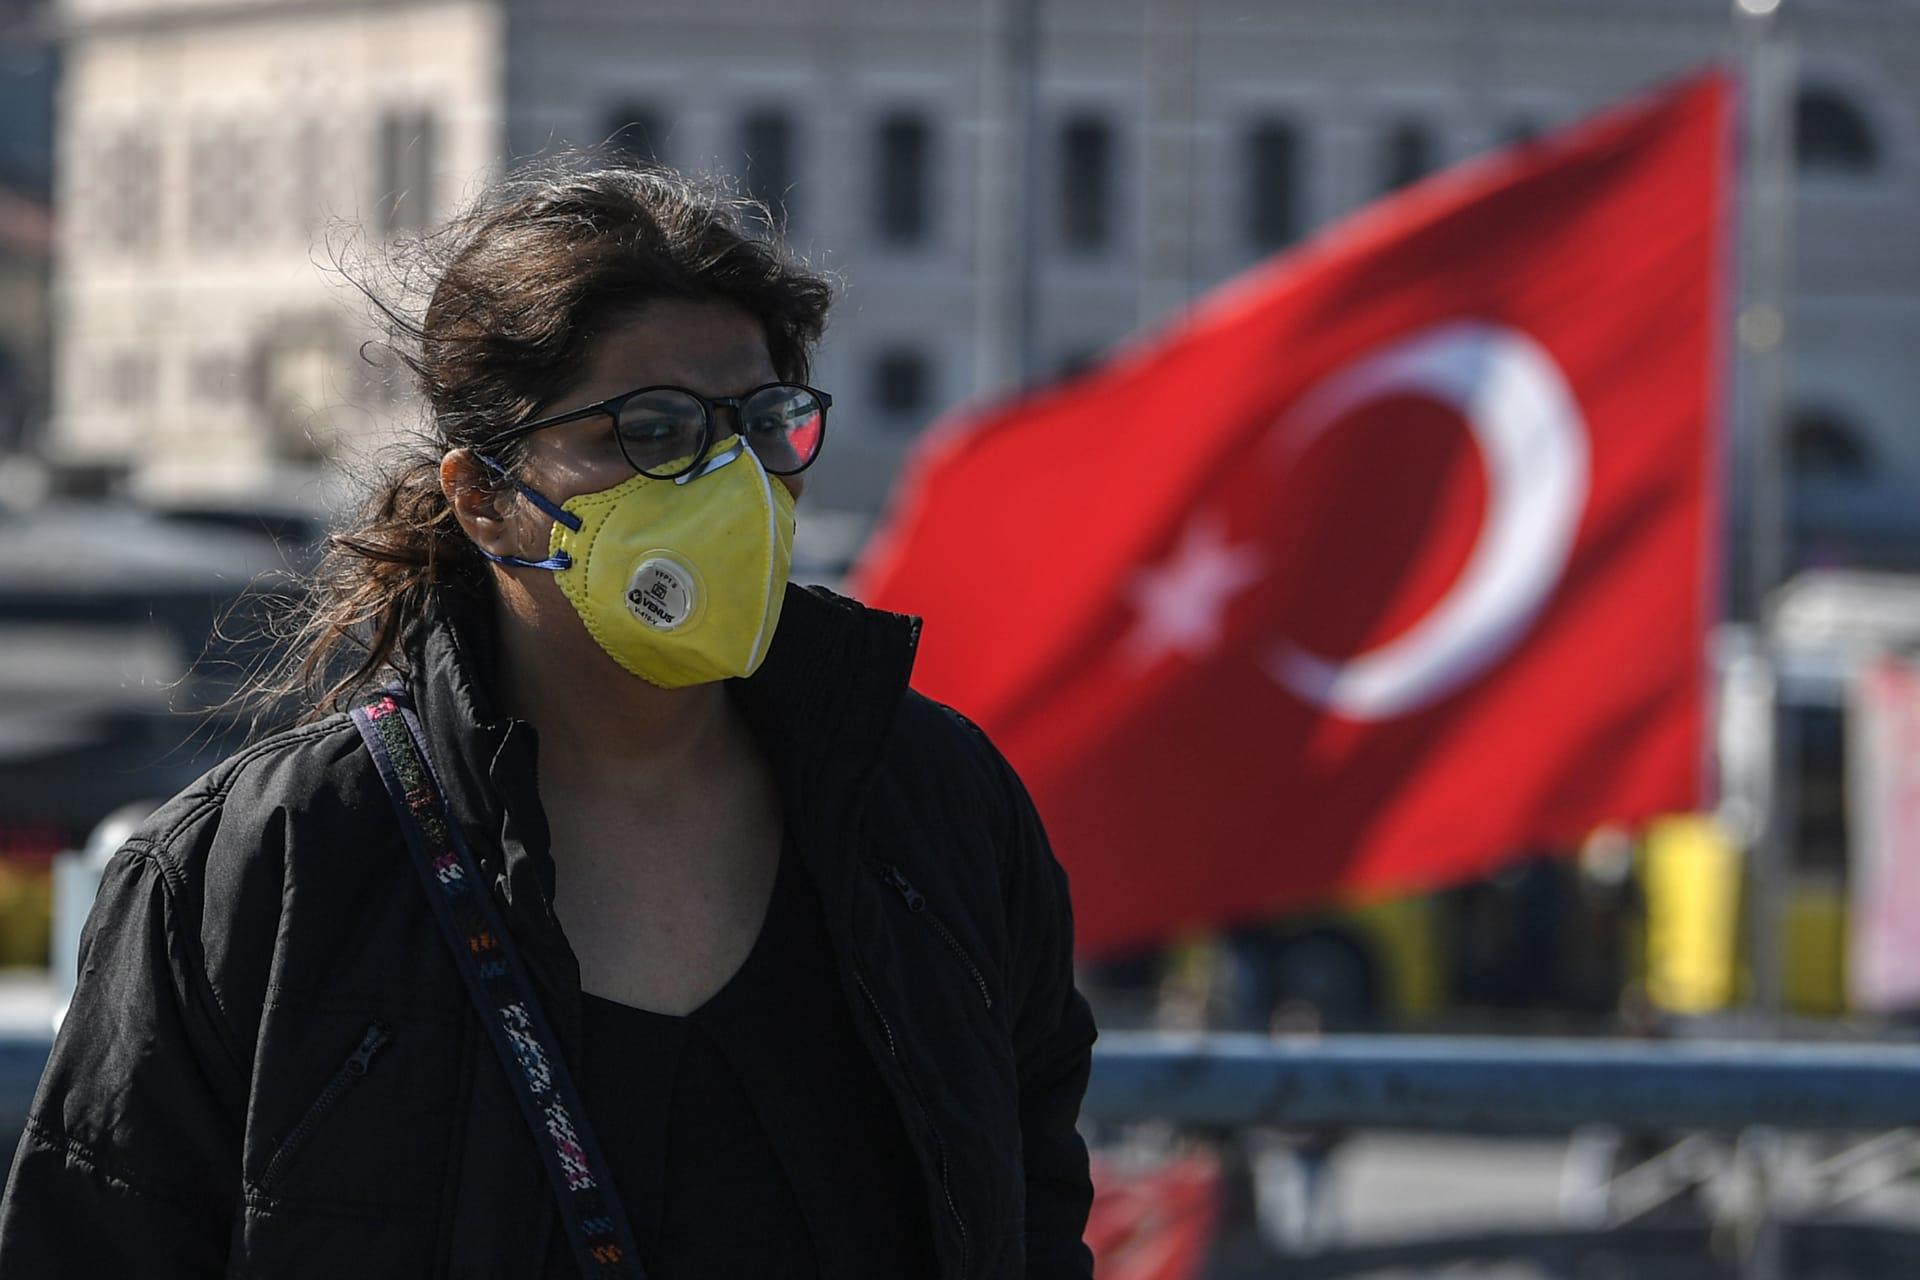 تركيا تسجل أعلى معدل إصابات يومي جراء فيروس كورونا.. أكثر من 3 آلاف حالة جديدة